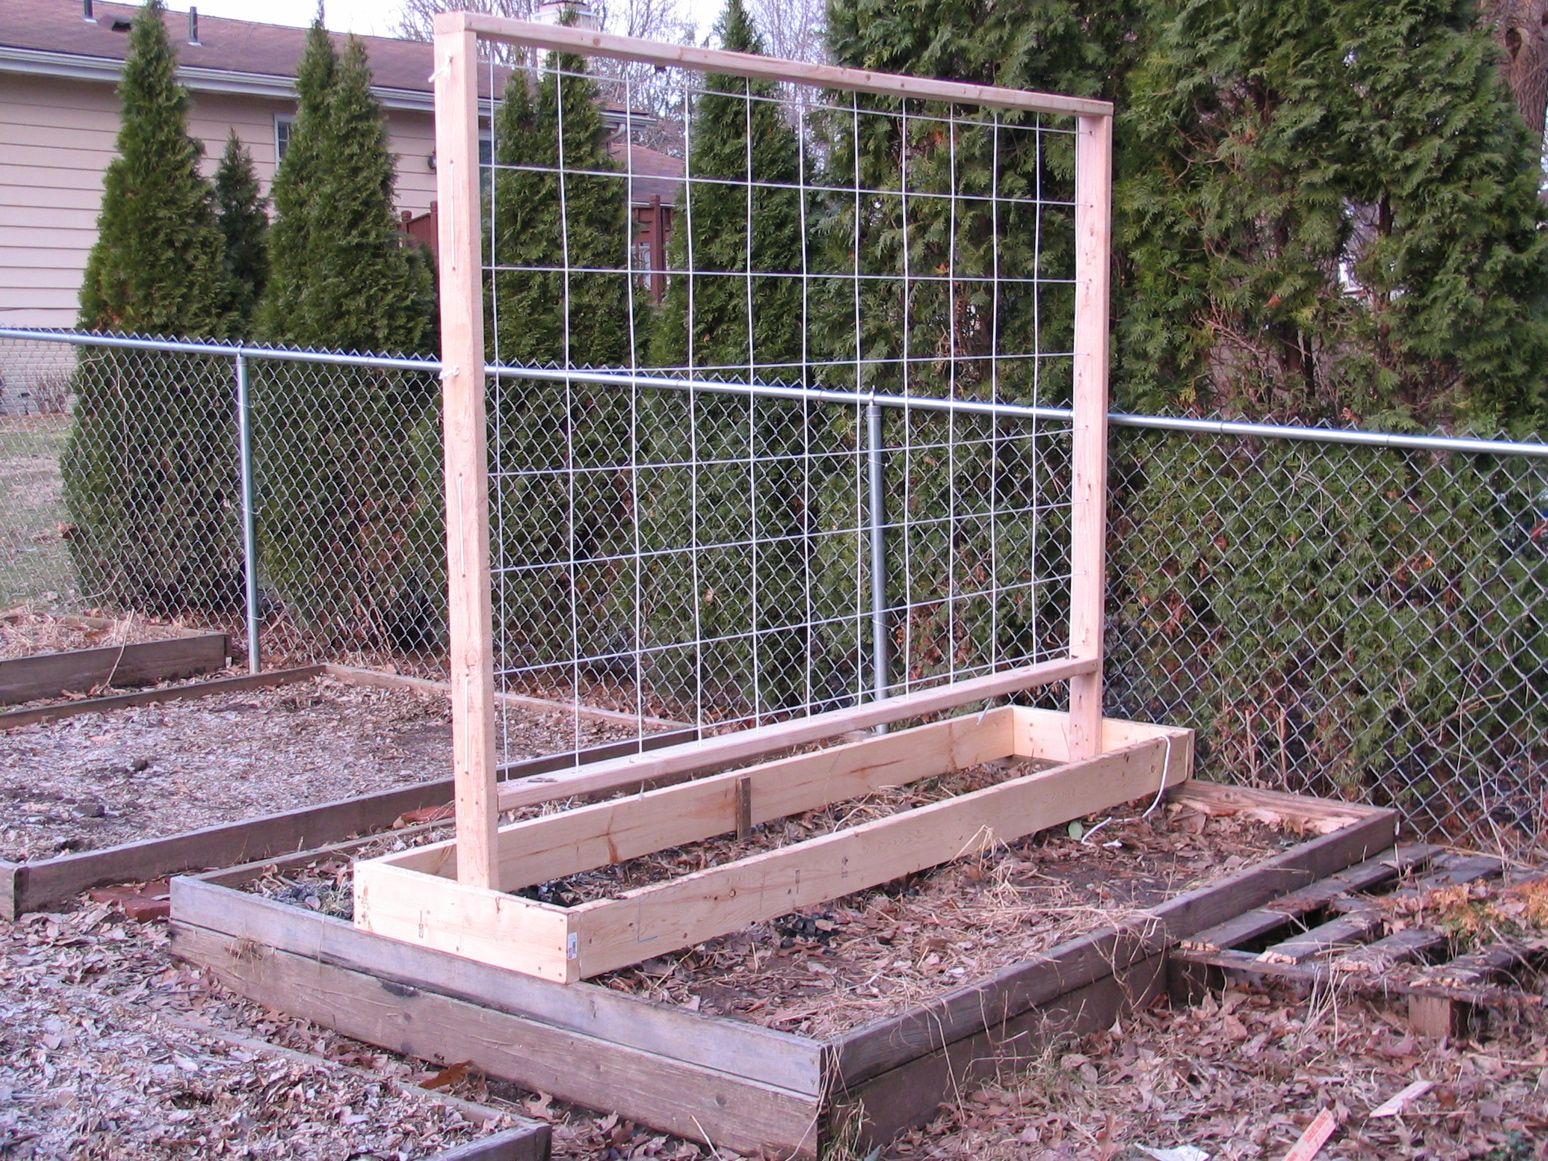 2011 Garden Trellis Design for my Raised Beds | Pinterest | Raised ...